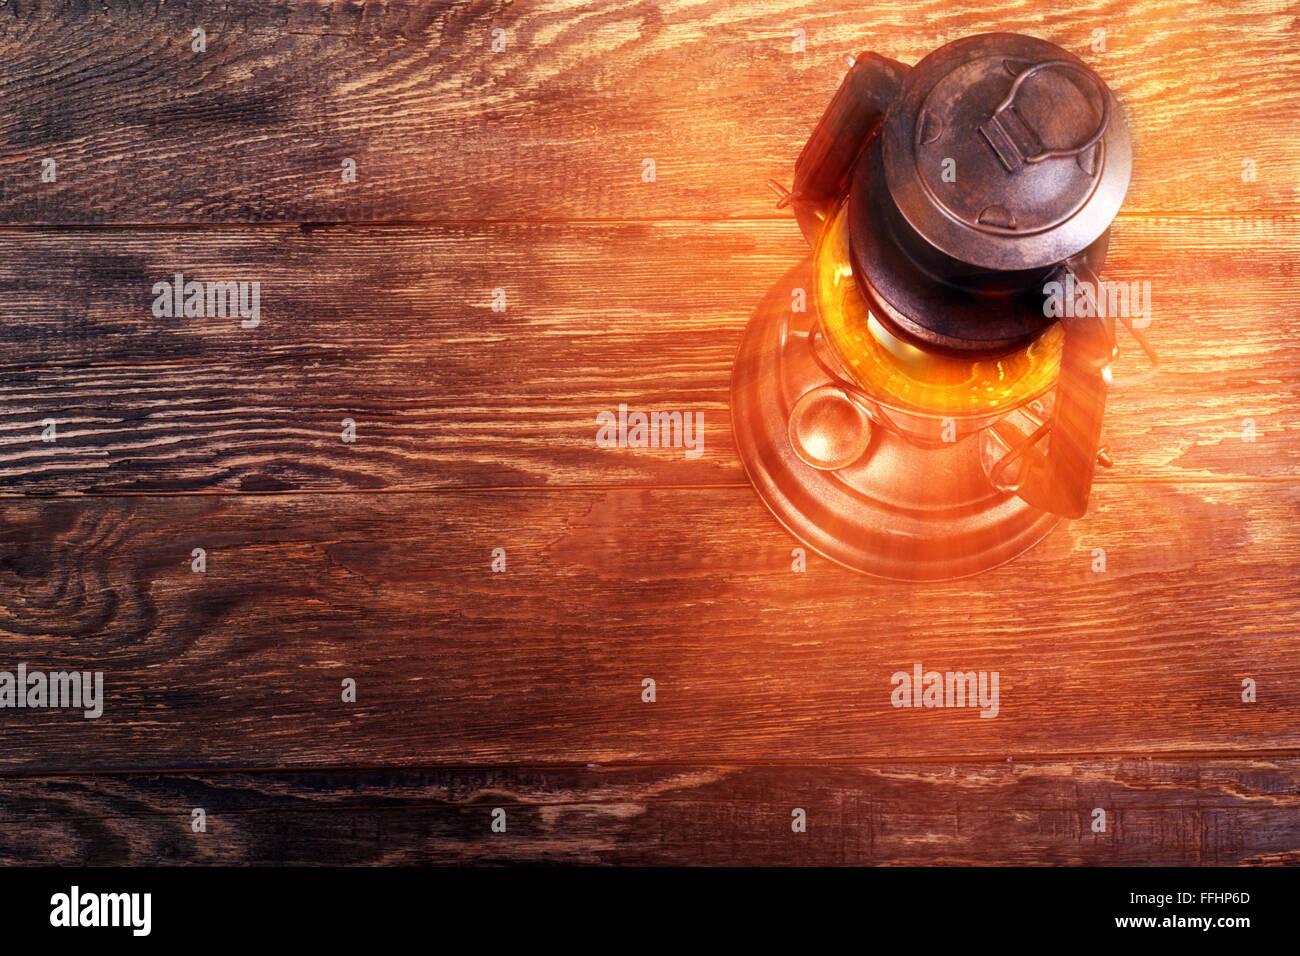 Old rusty kerosene lantern on wooden structured floor - Stock Image